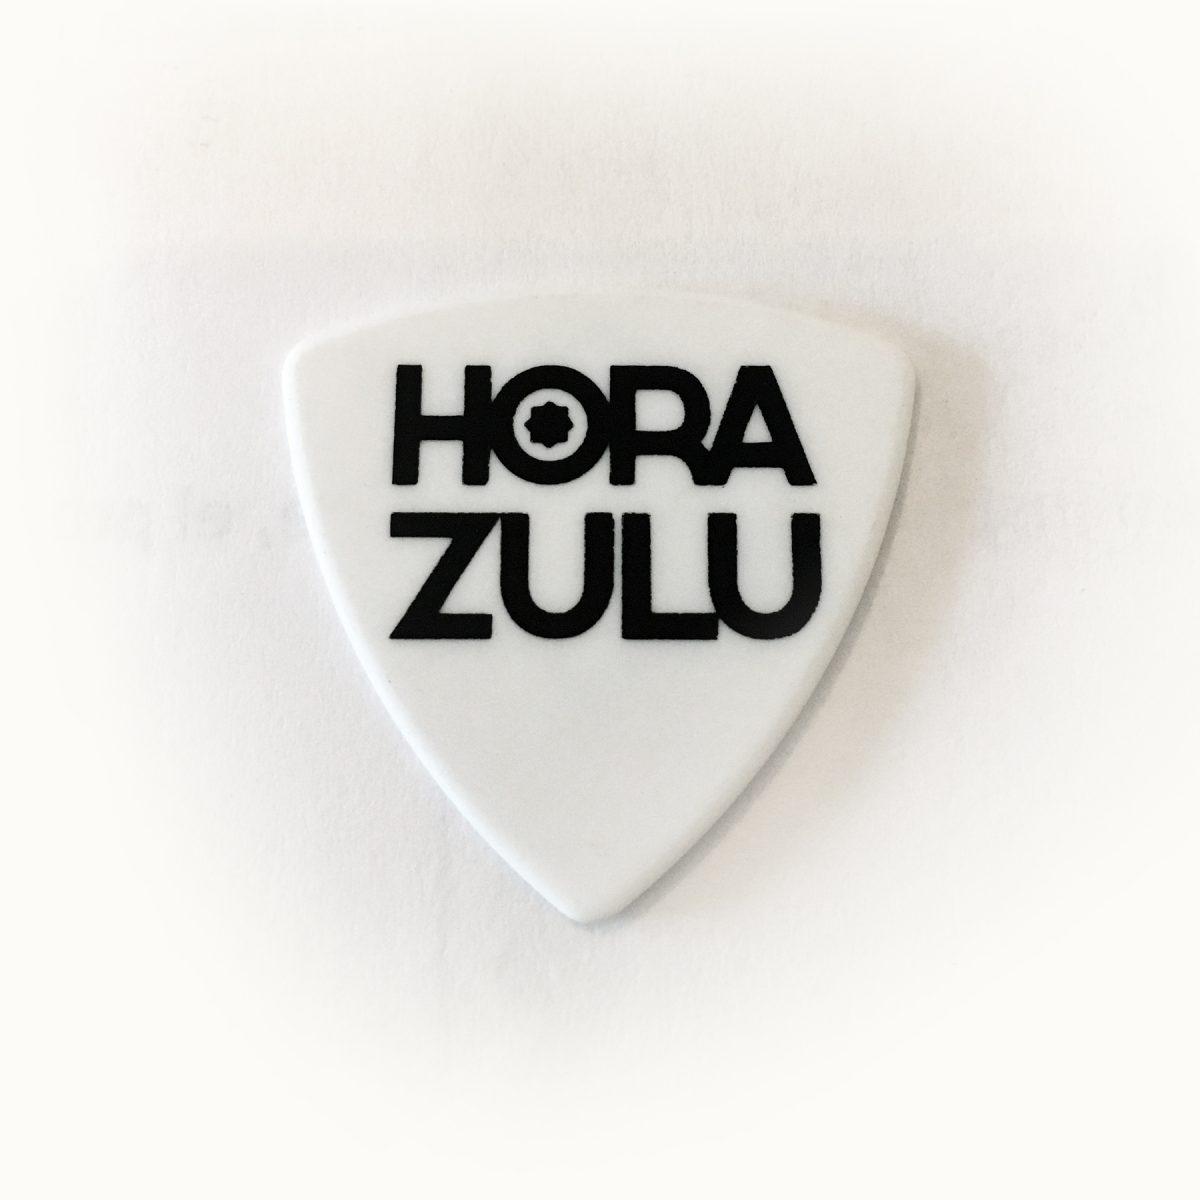 HZpuaAlex01